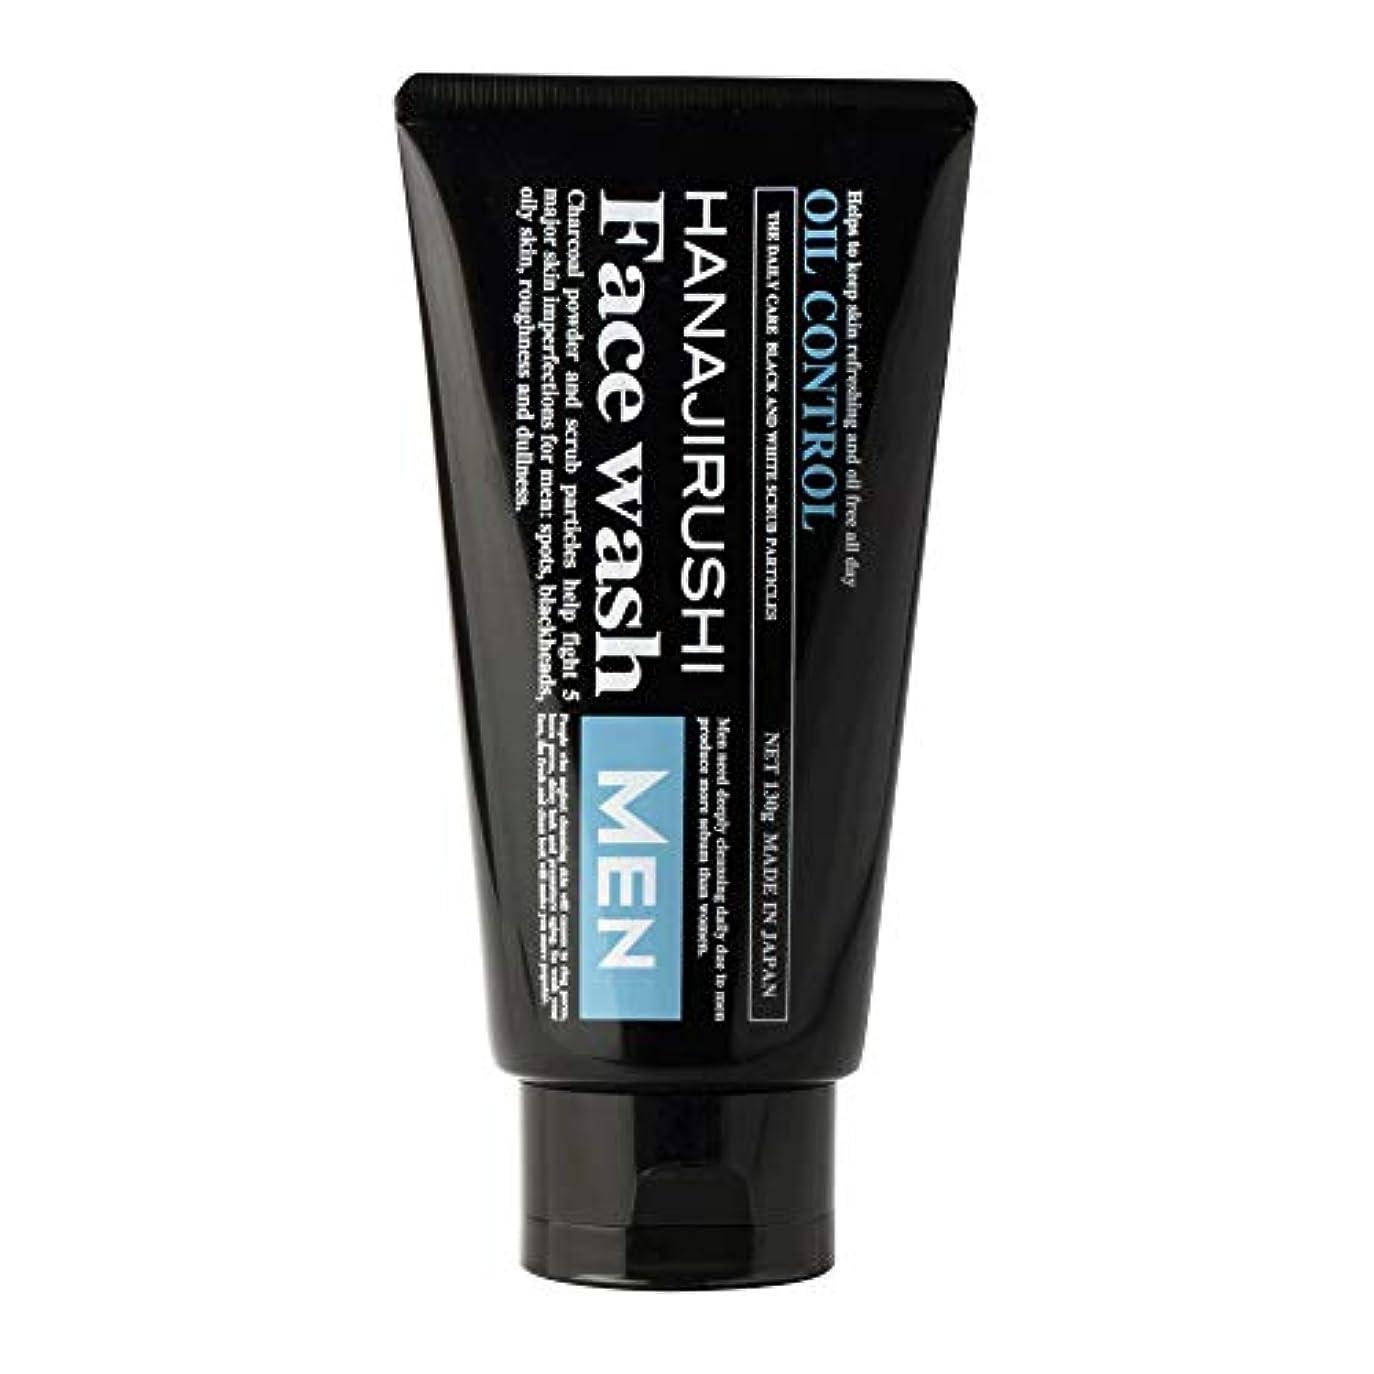 発信消費検閲花印 メンズオイルコントロール洗顔 スクラブタイプ B&W<男性用洗顔>